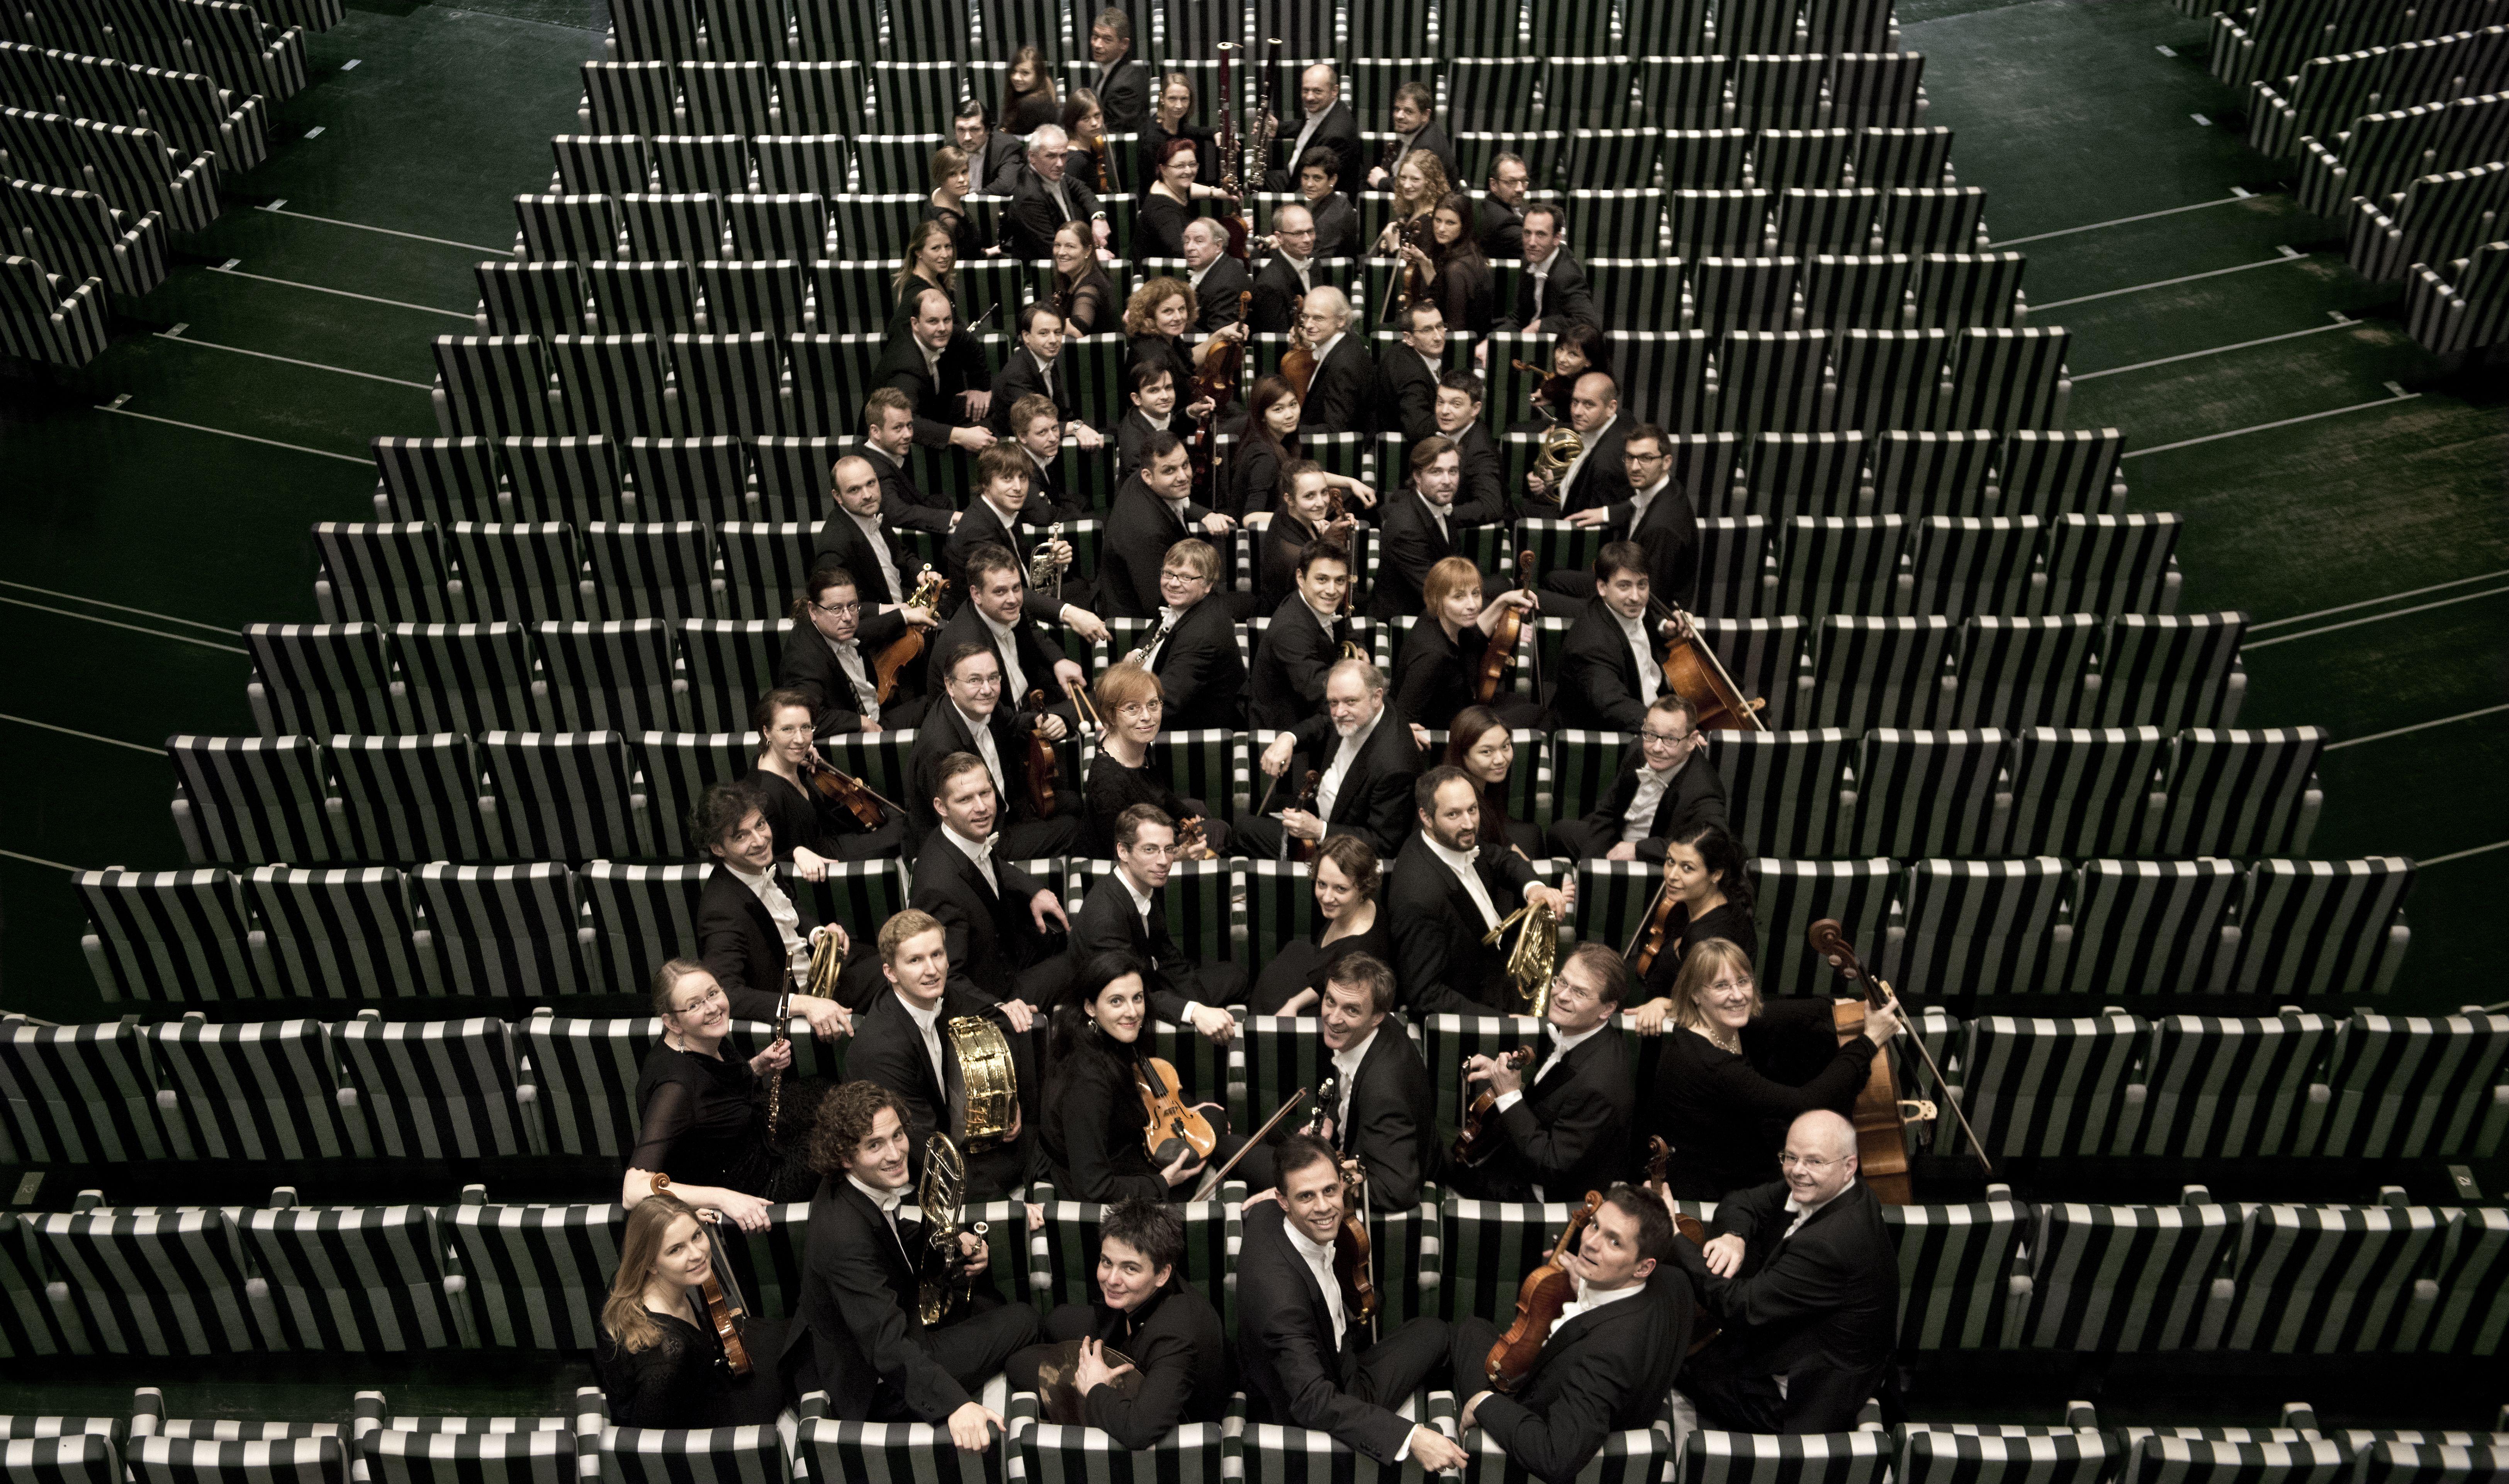 Orchester © Tonkünstler-Orchester Niederösterreich,Foto: Nancy Horowitz